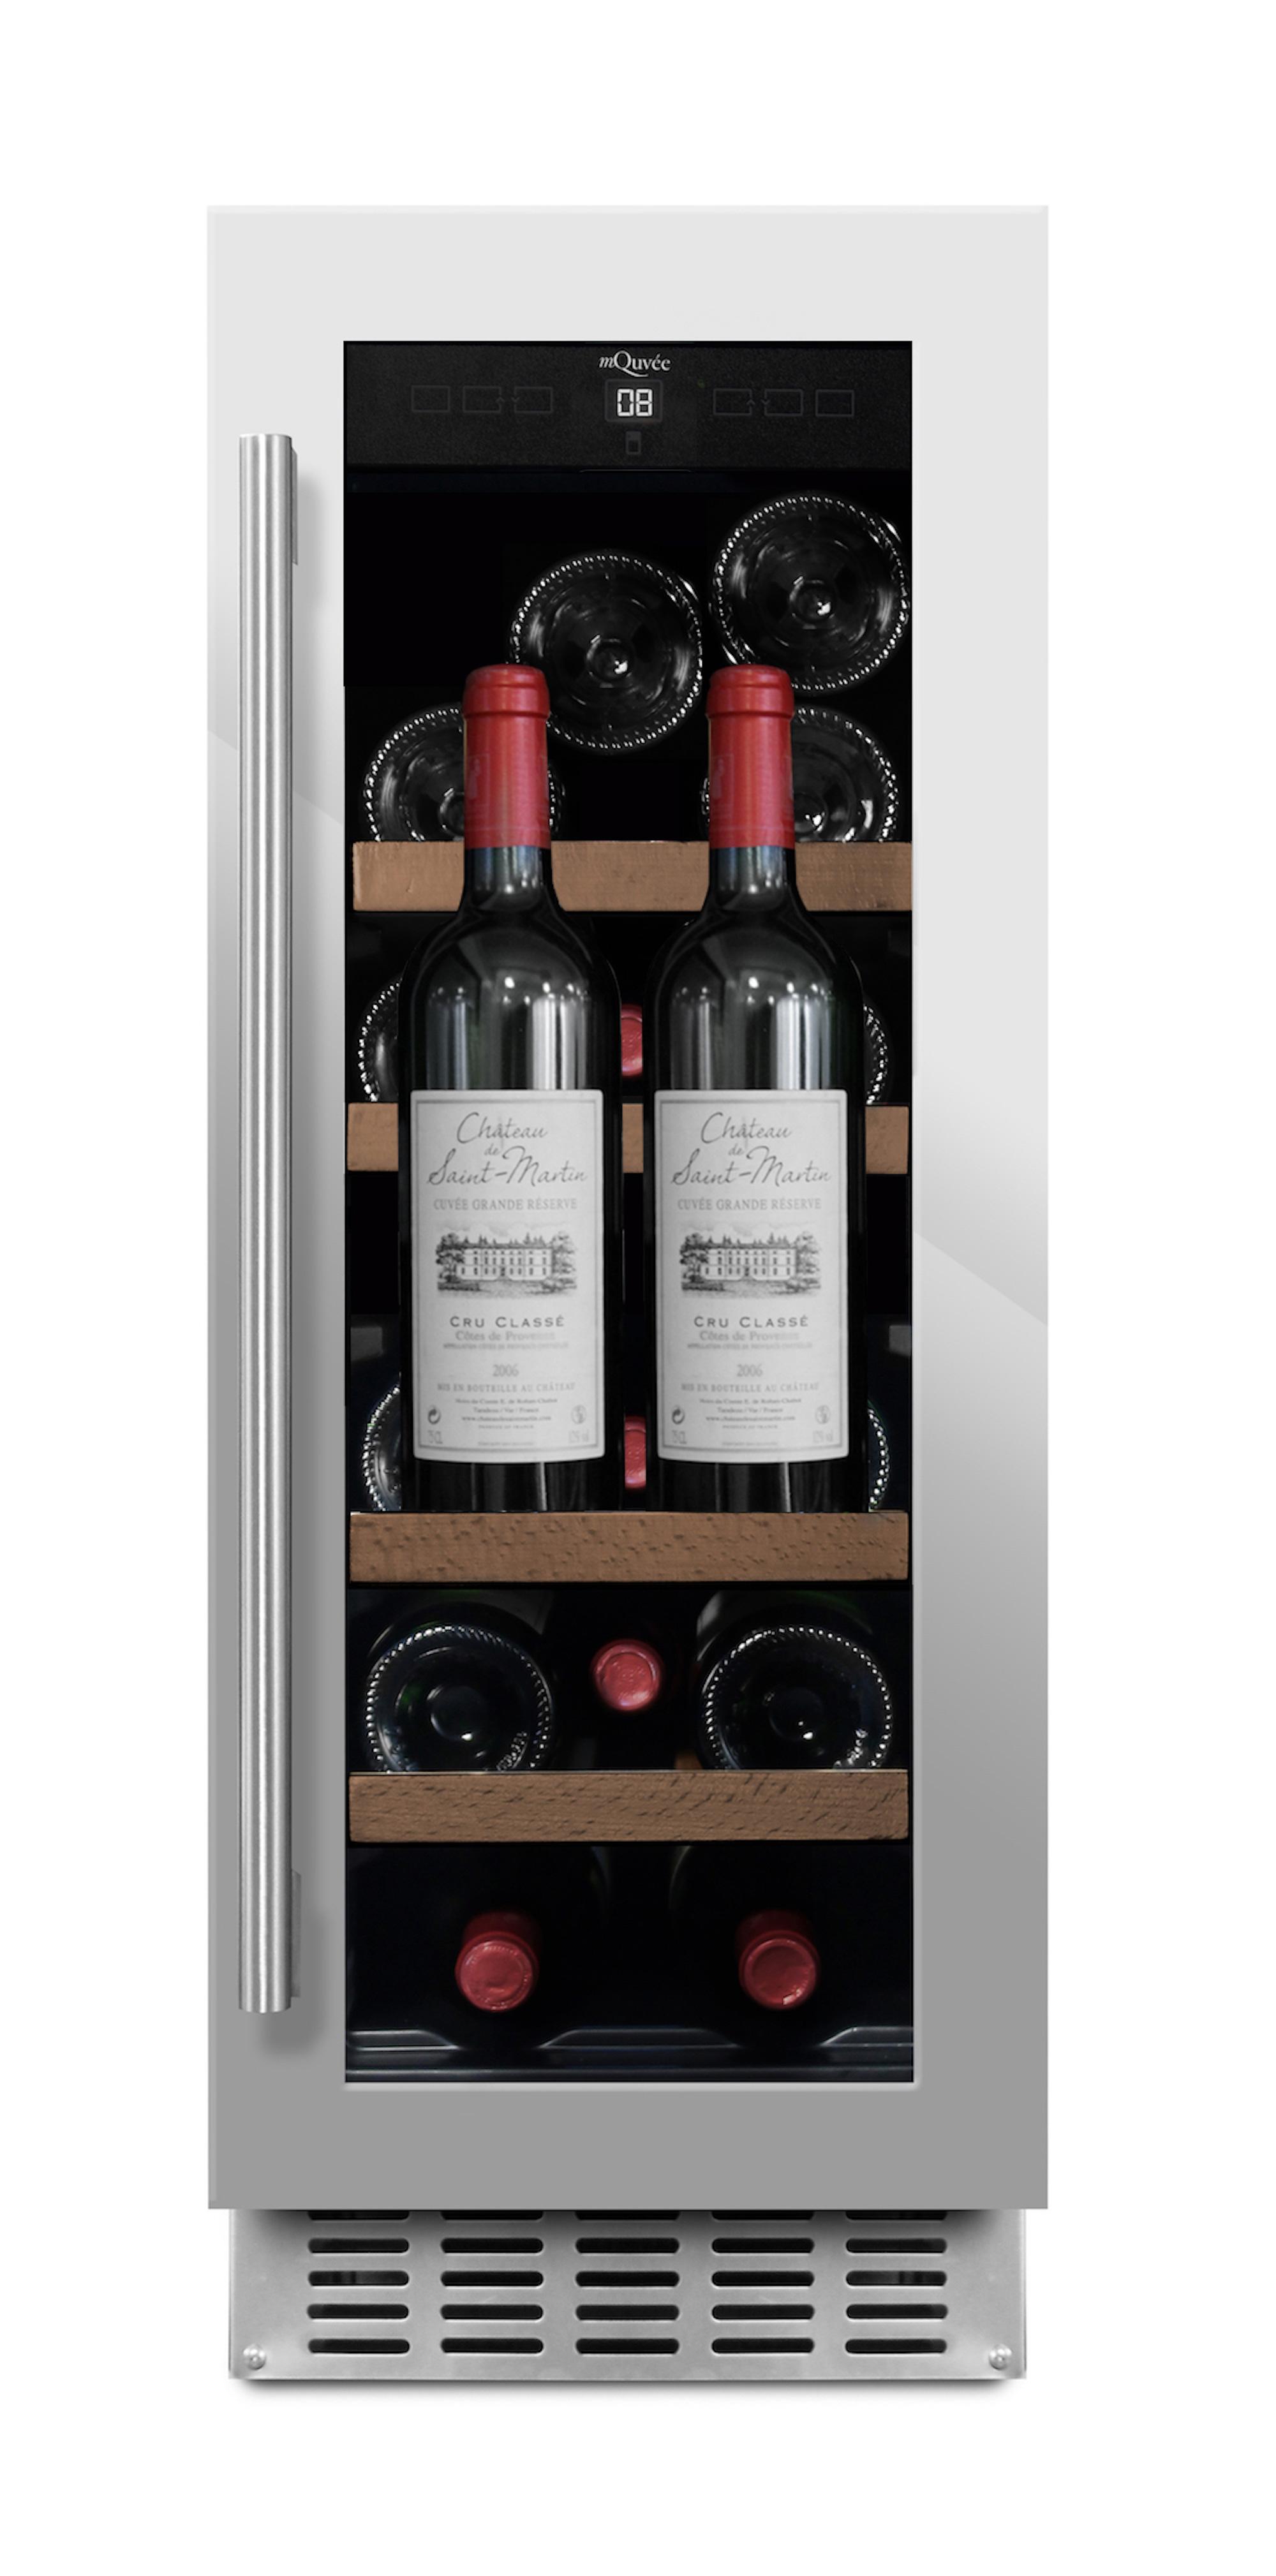 Inbyggbar vinkyl från mQuvee med presentationshylla